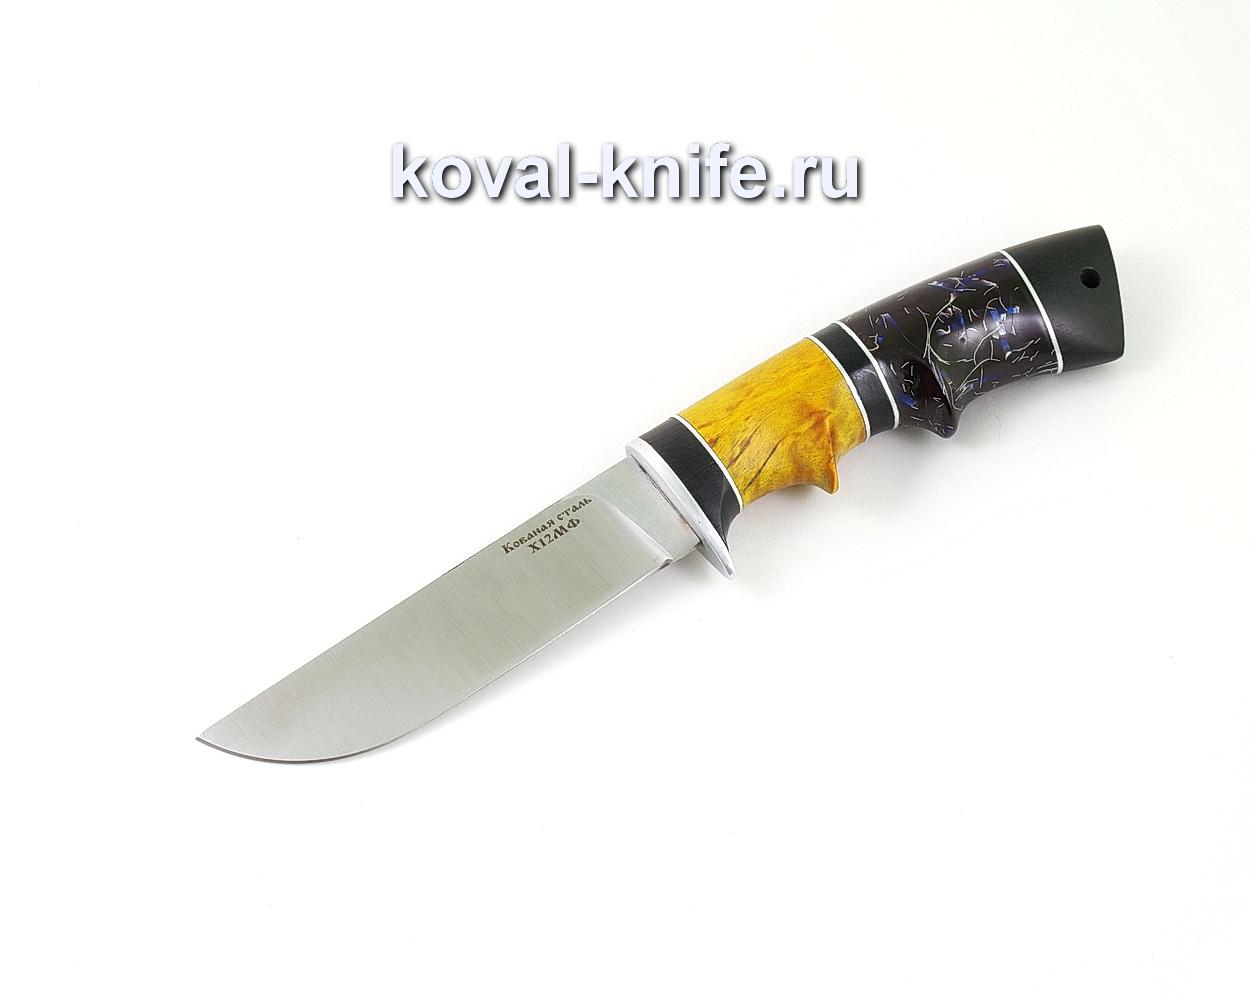 Нож из кованой стали Х12МФ Белка (рукоять стабилизированная карельская береза, граб и композит) A502